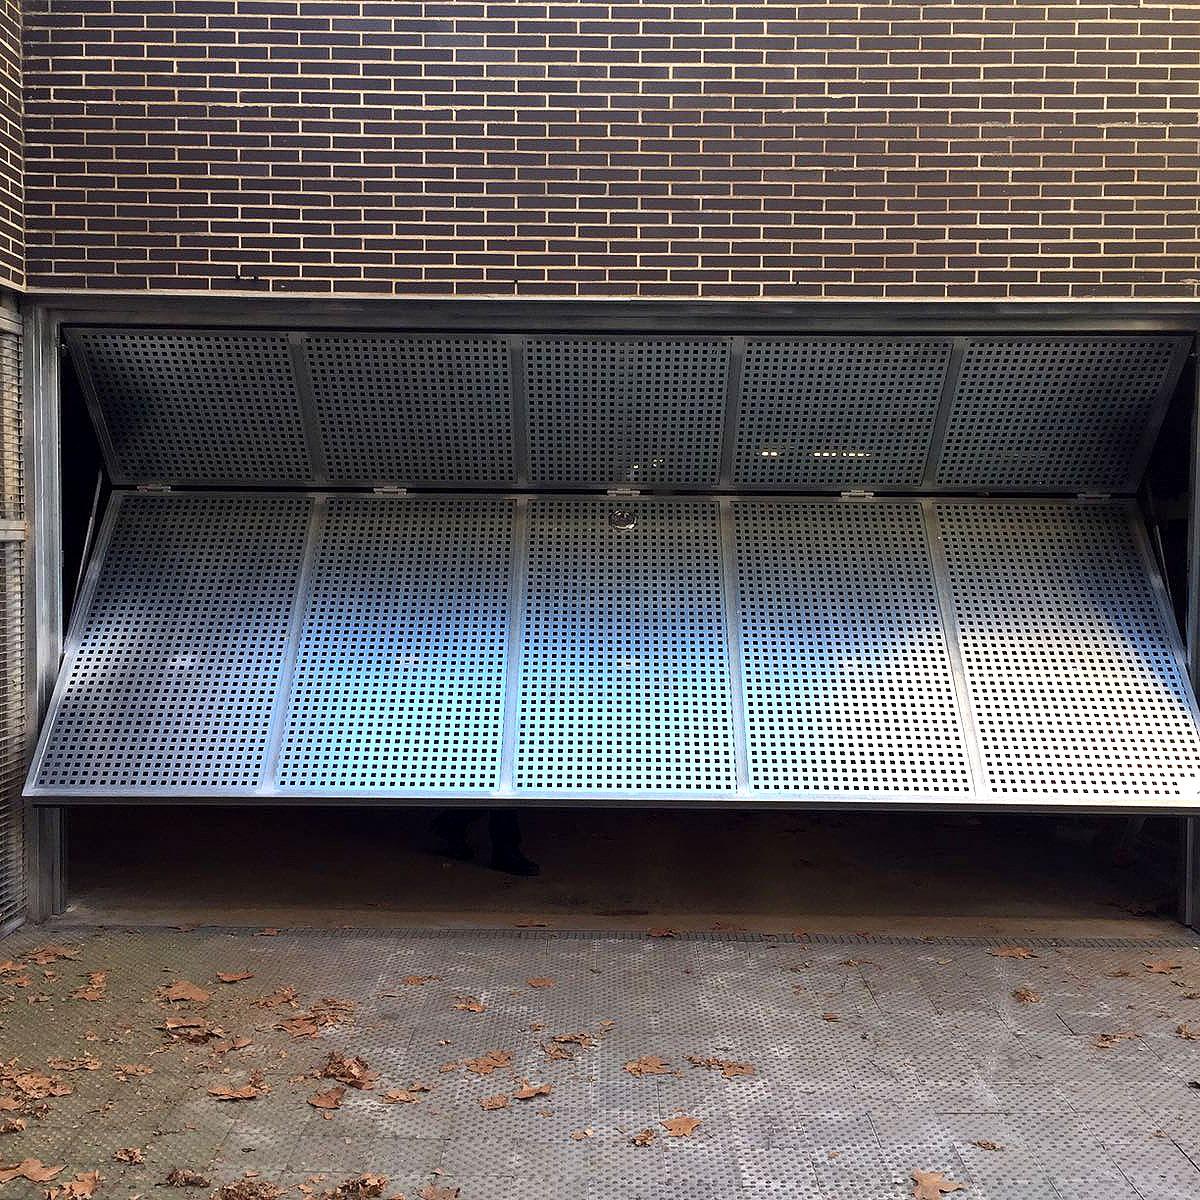 Puertas Correderas, Puertas Automáticas, Puertas de Garaje ... - photo#45